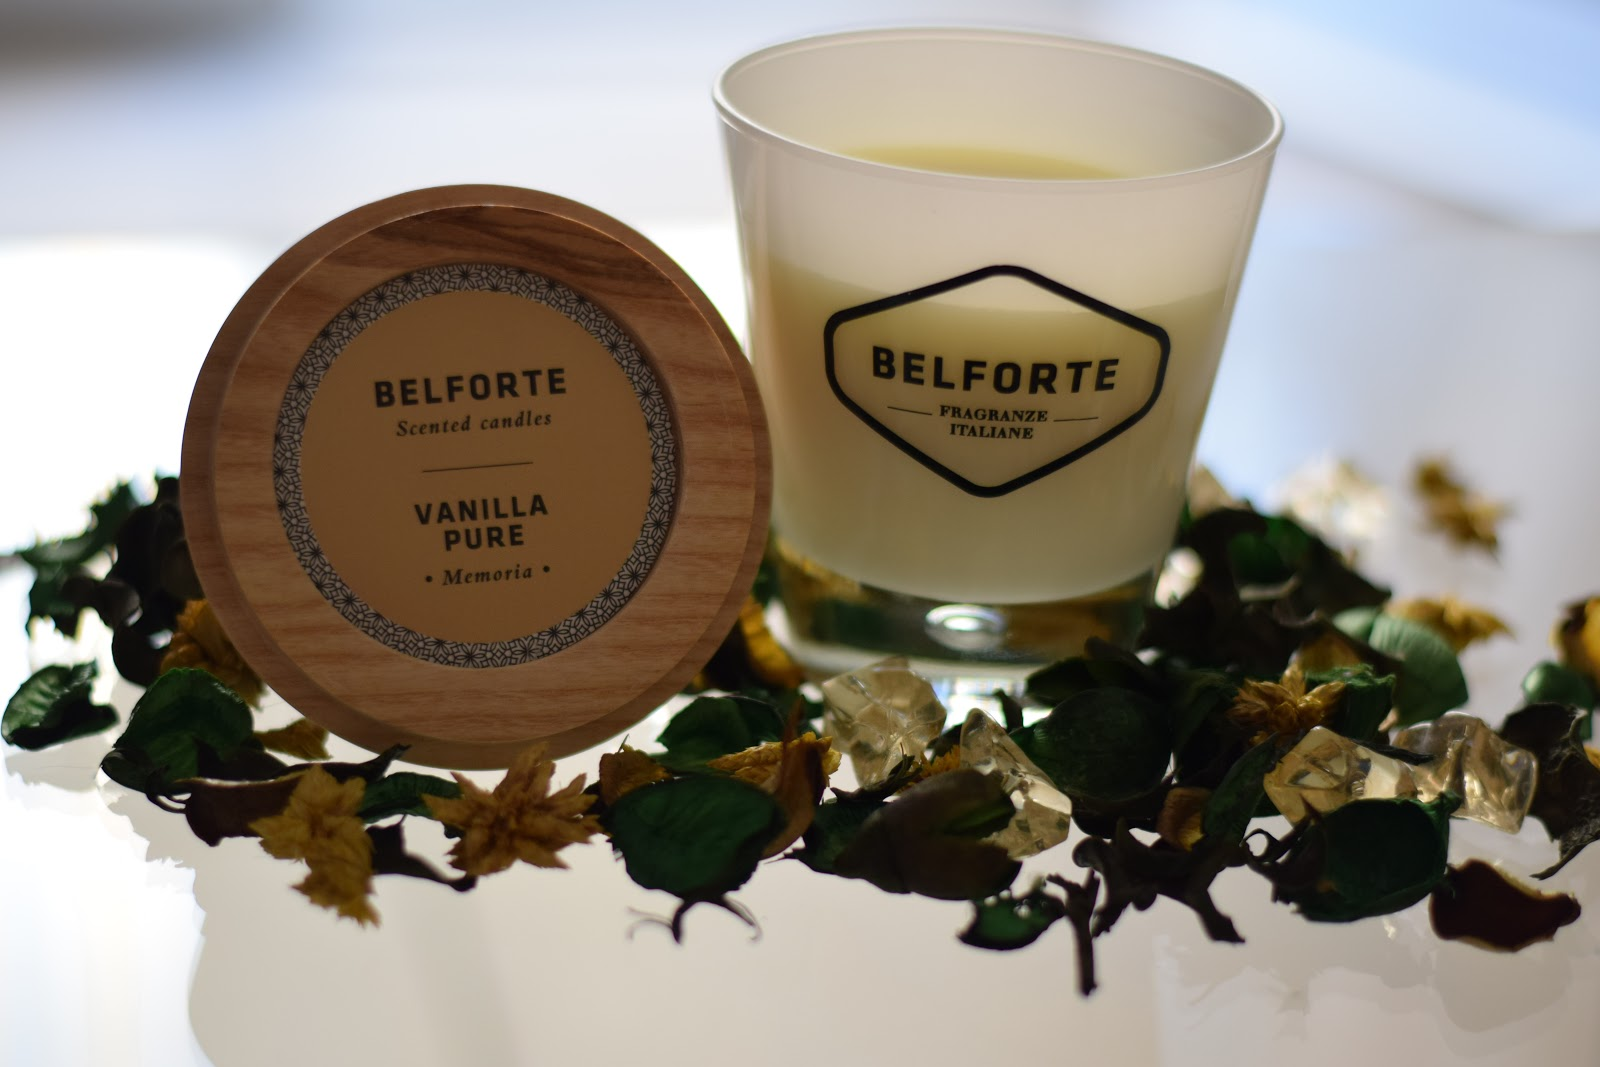 Belforte Candela